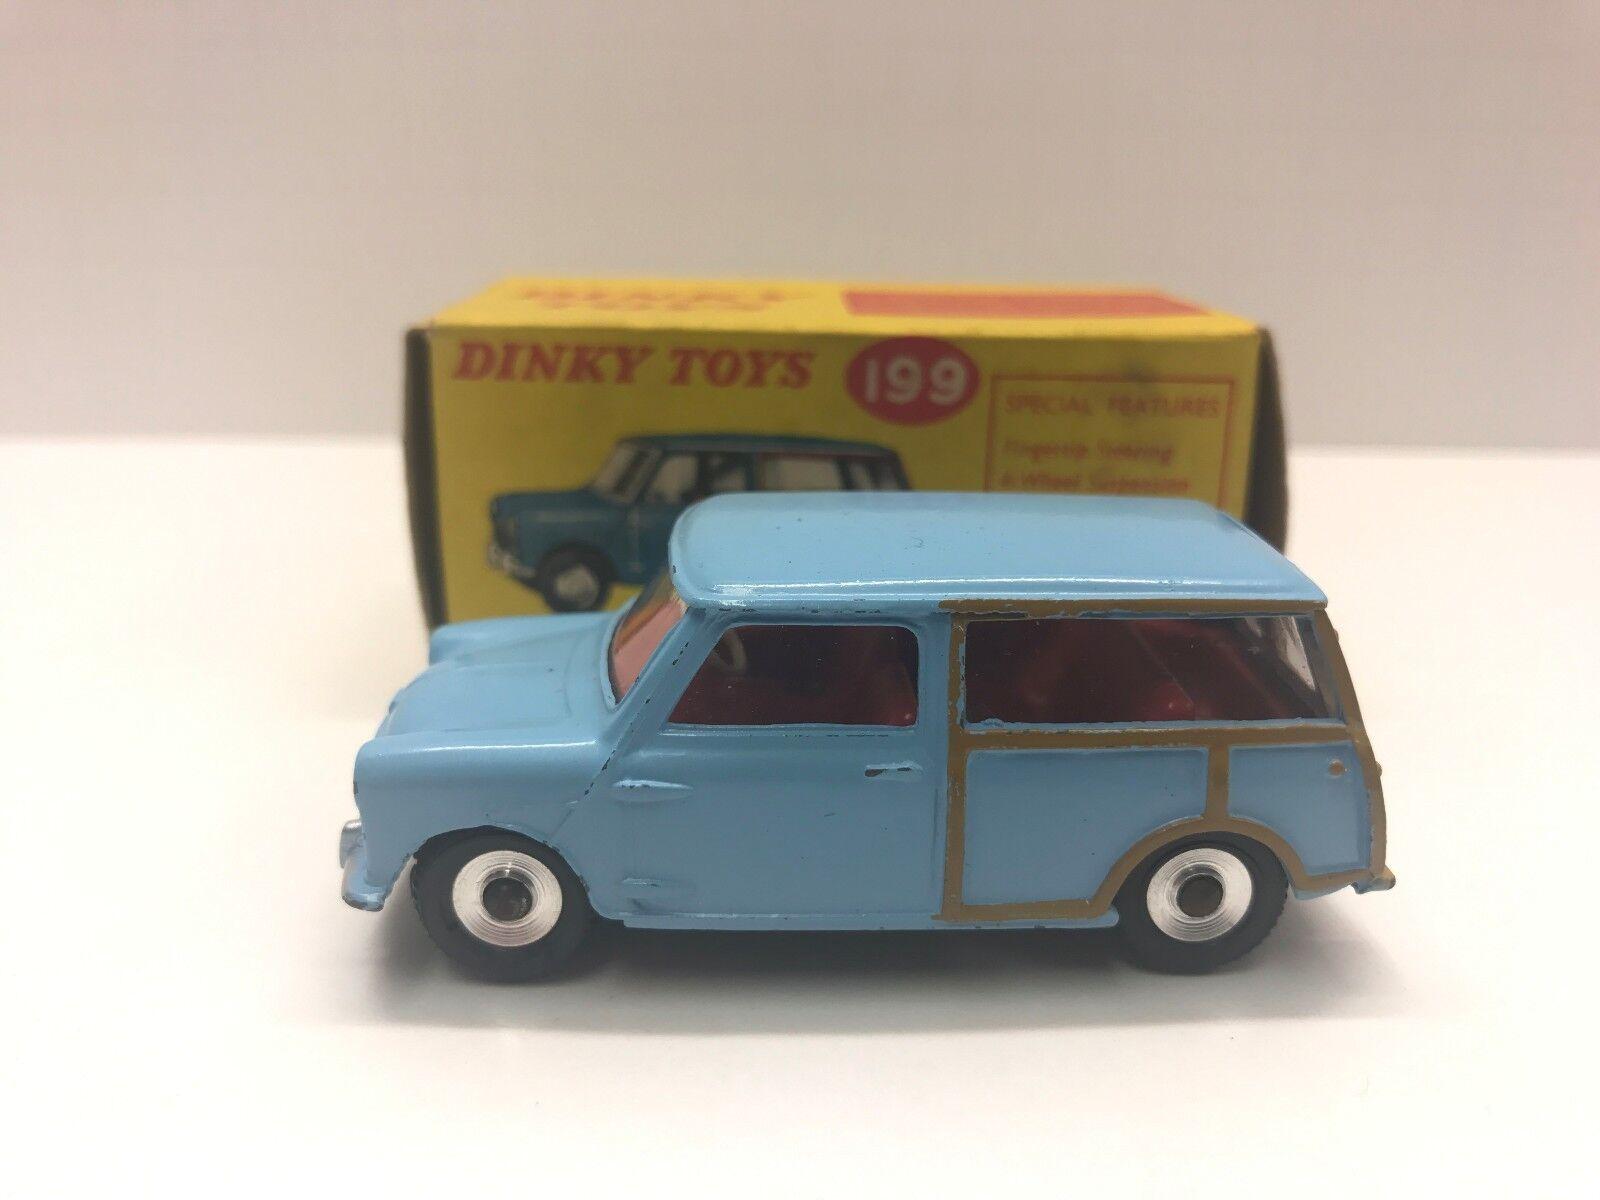 DINKY giocattoli modello NO. 199 AUSTIN SEVEN 7 COUNTRYuomo scatola originale